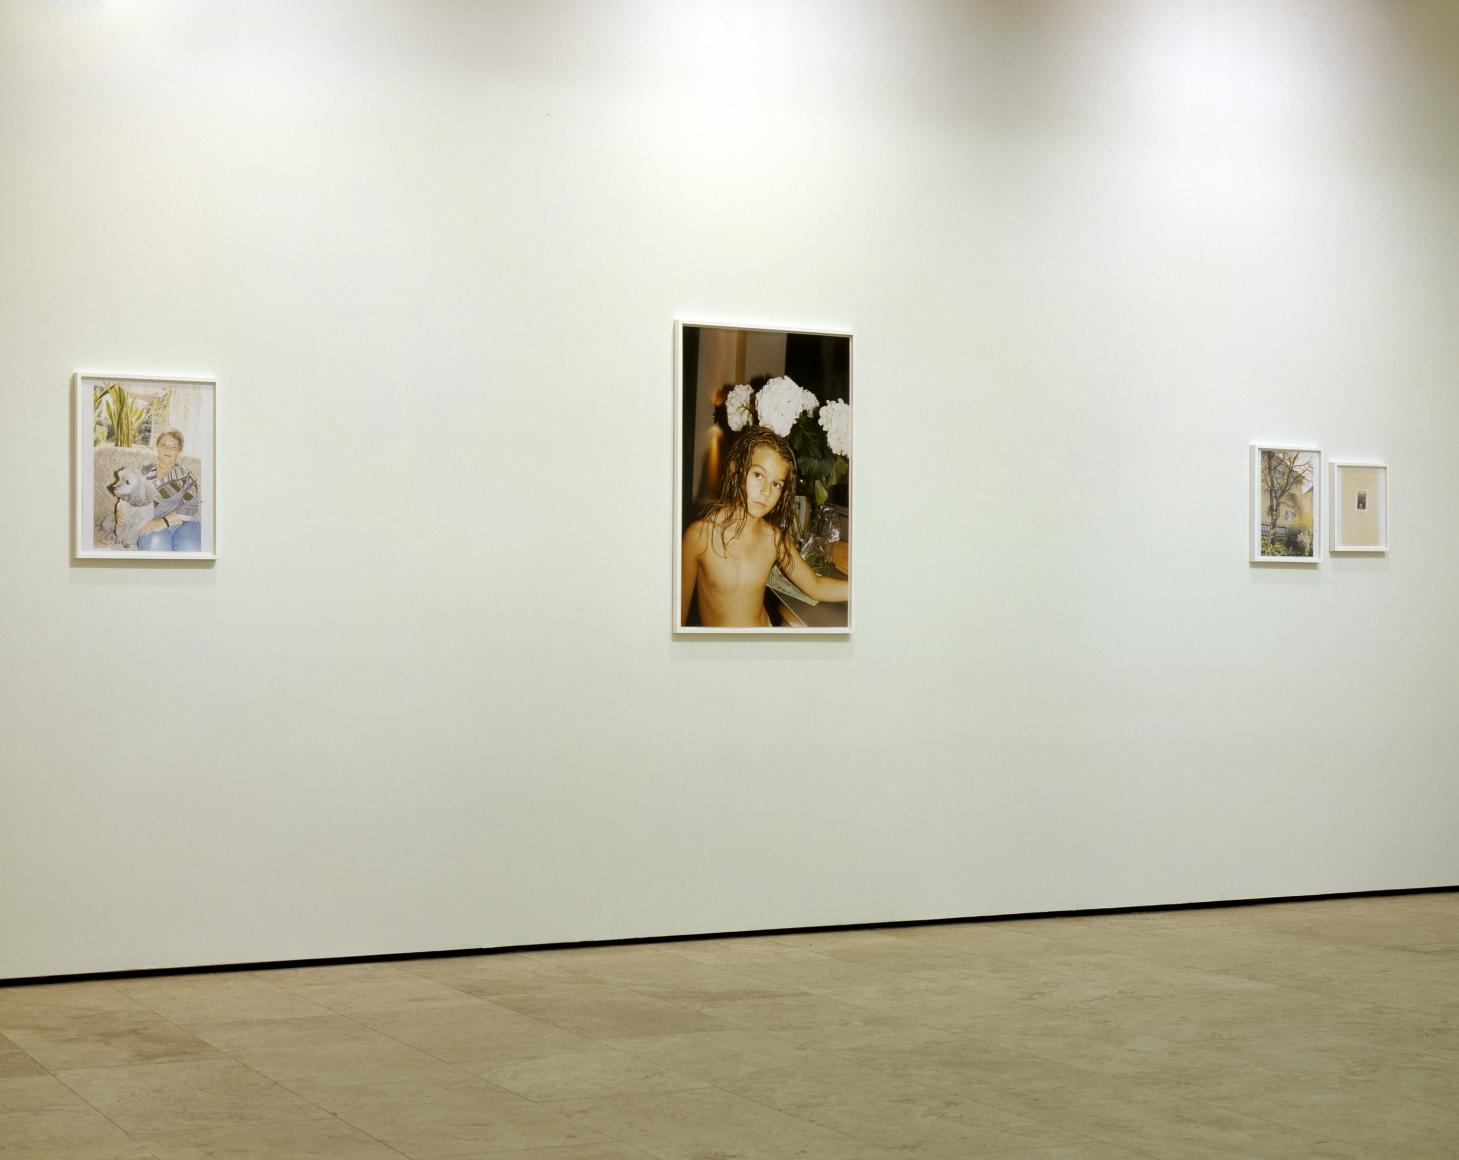 JUERGEN TELLER: NÜRNBERG Installation View 1.